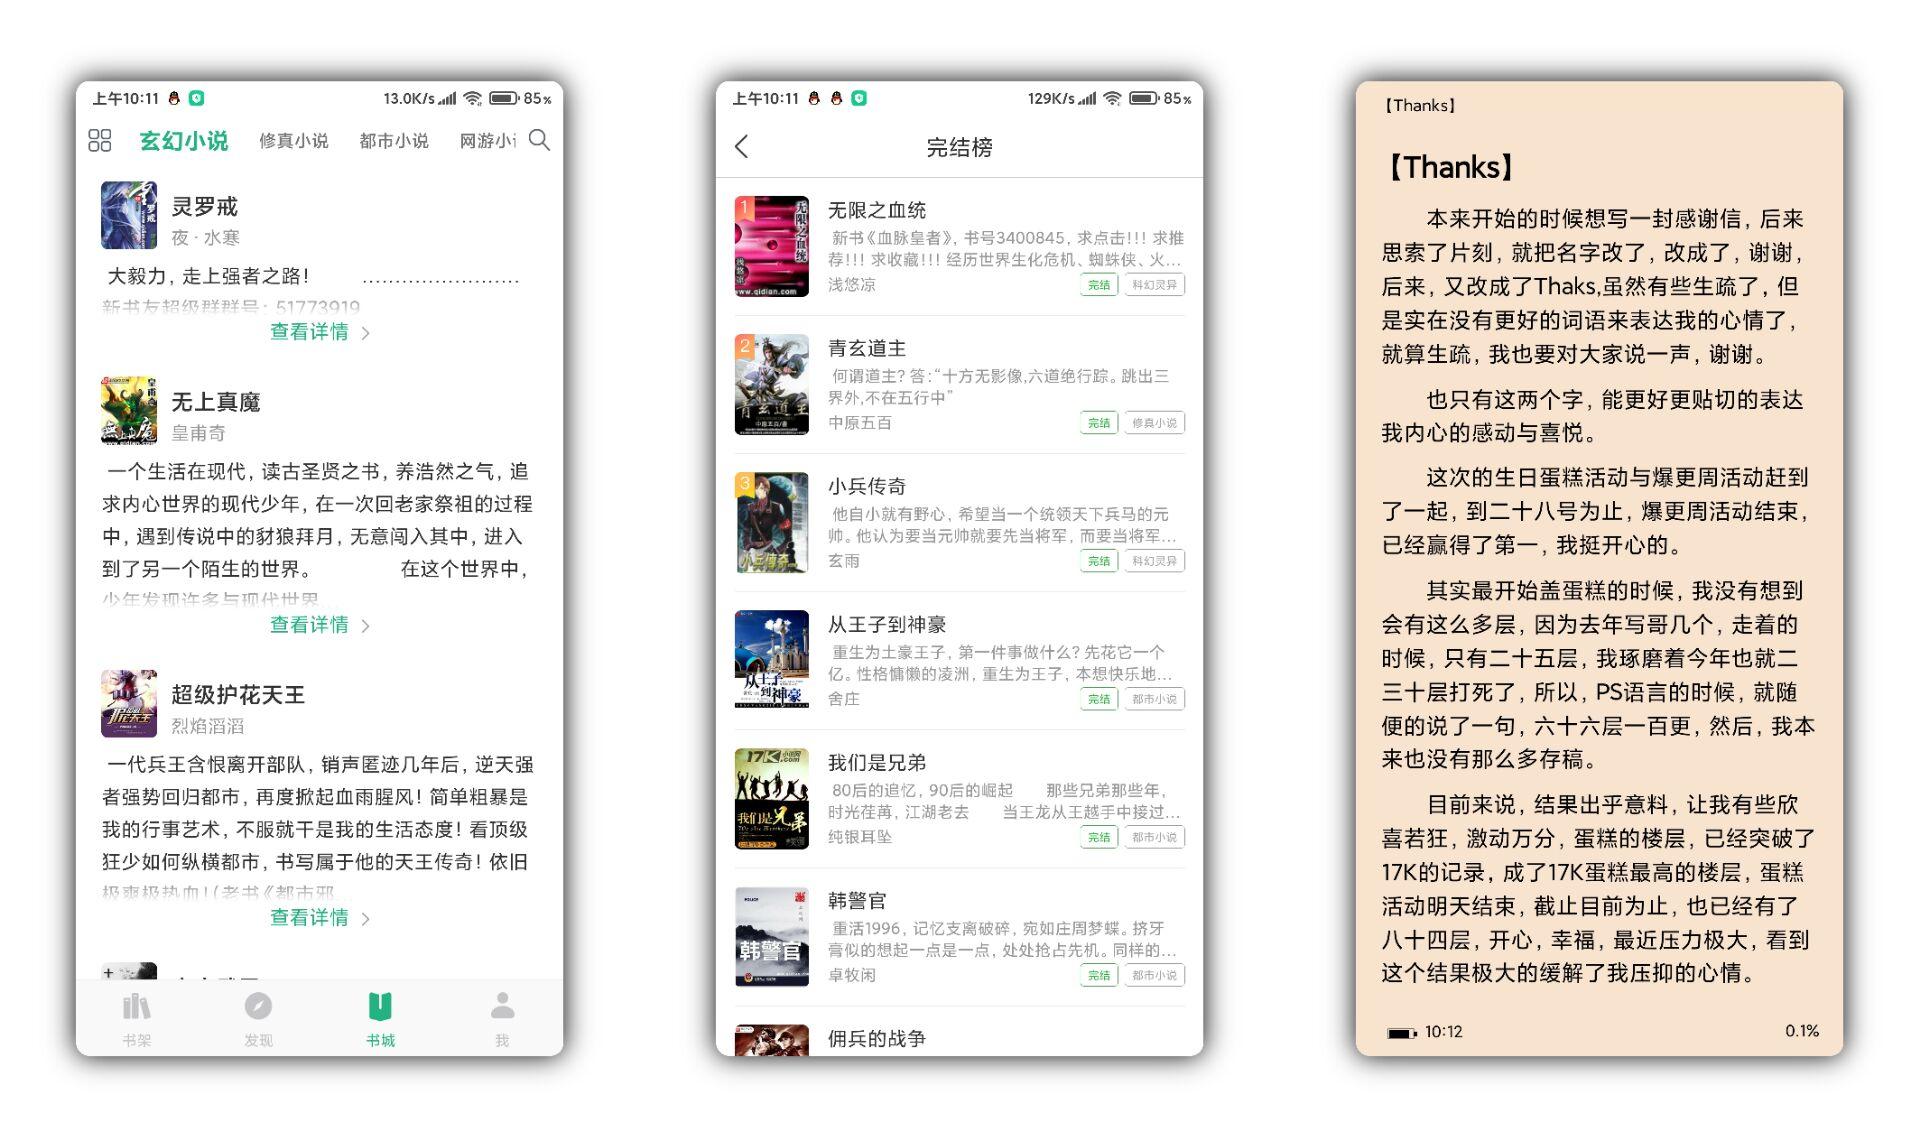 咸鱼小说V1.1.1 无广告 书源全